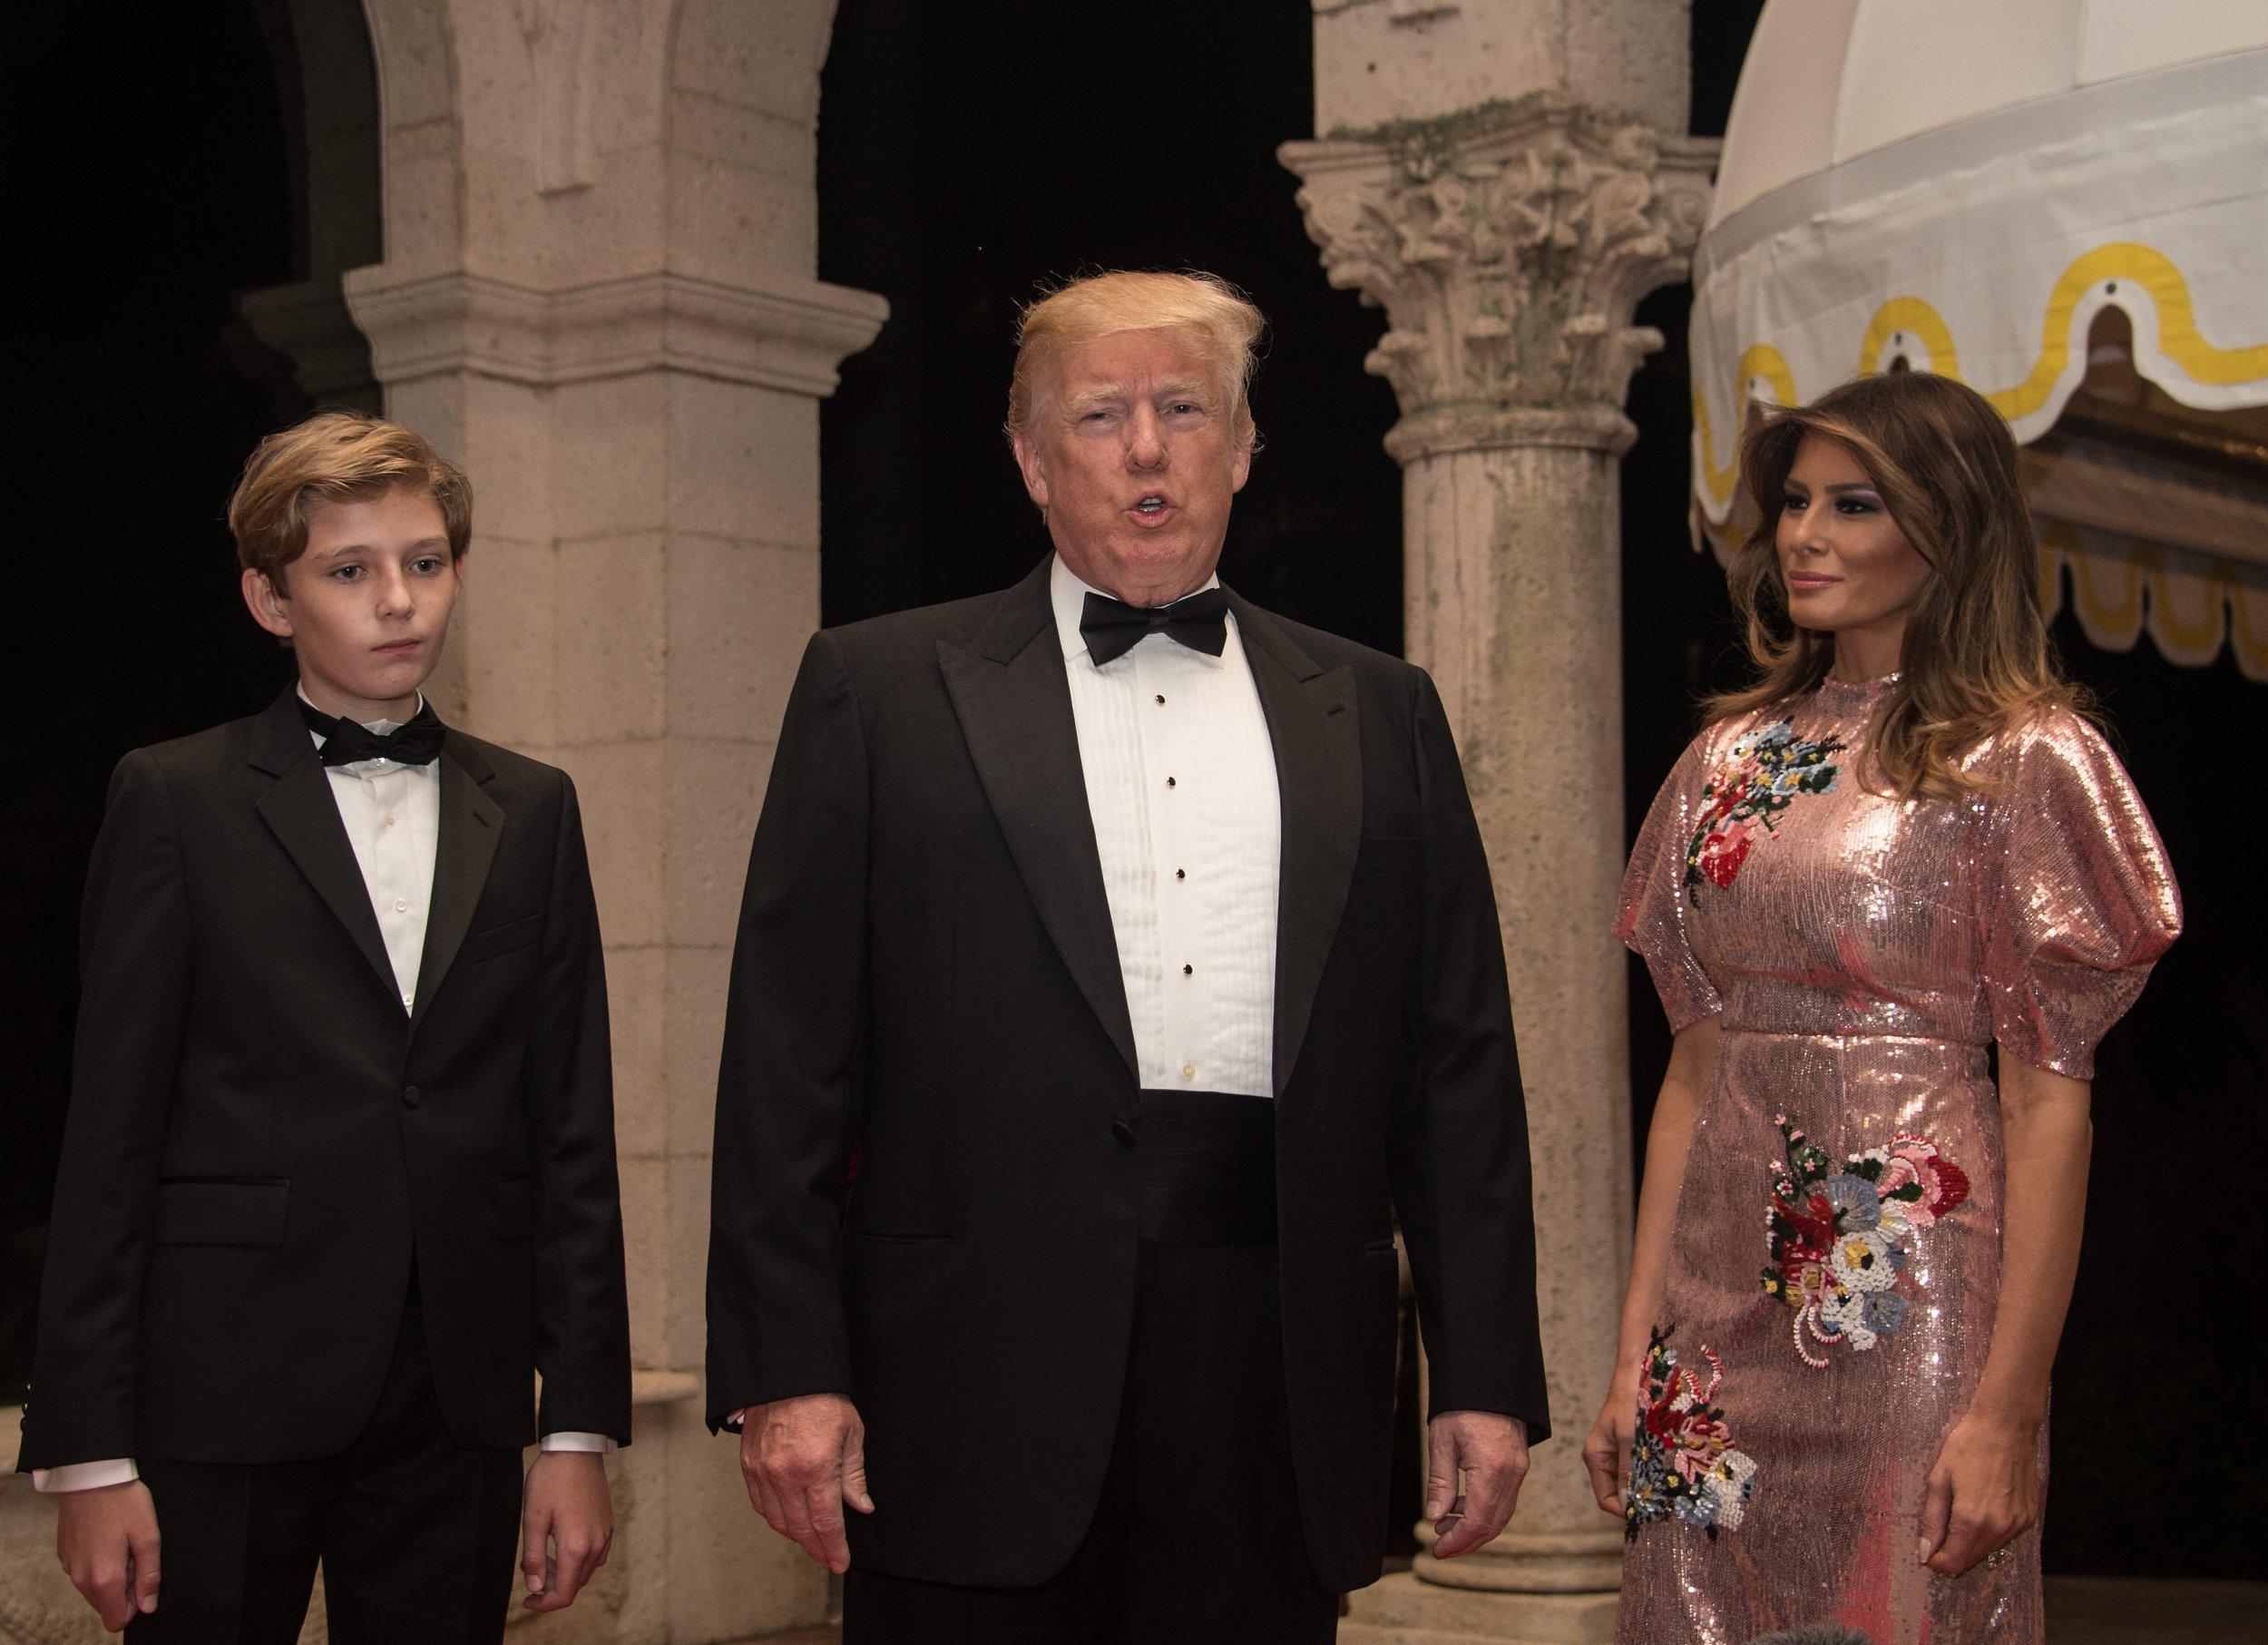 Trump at resort